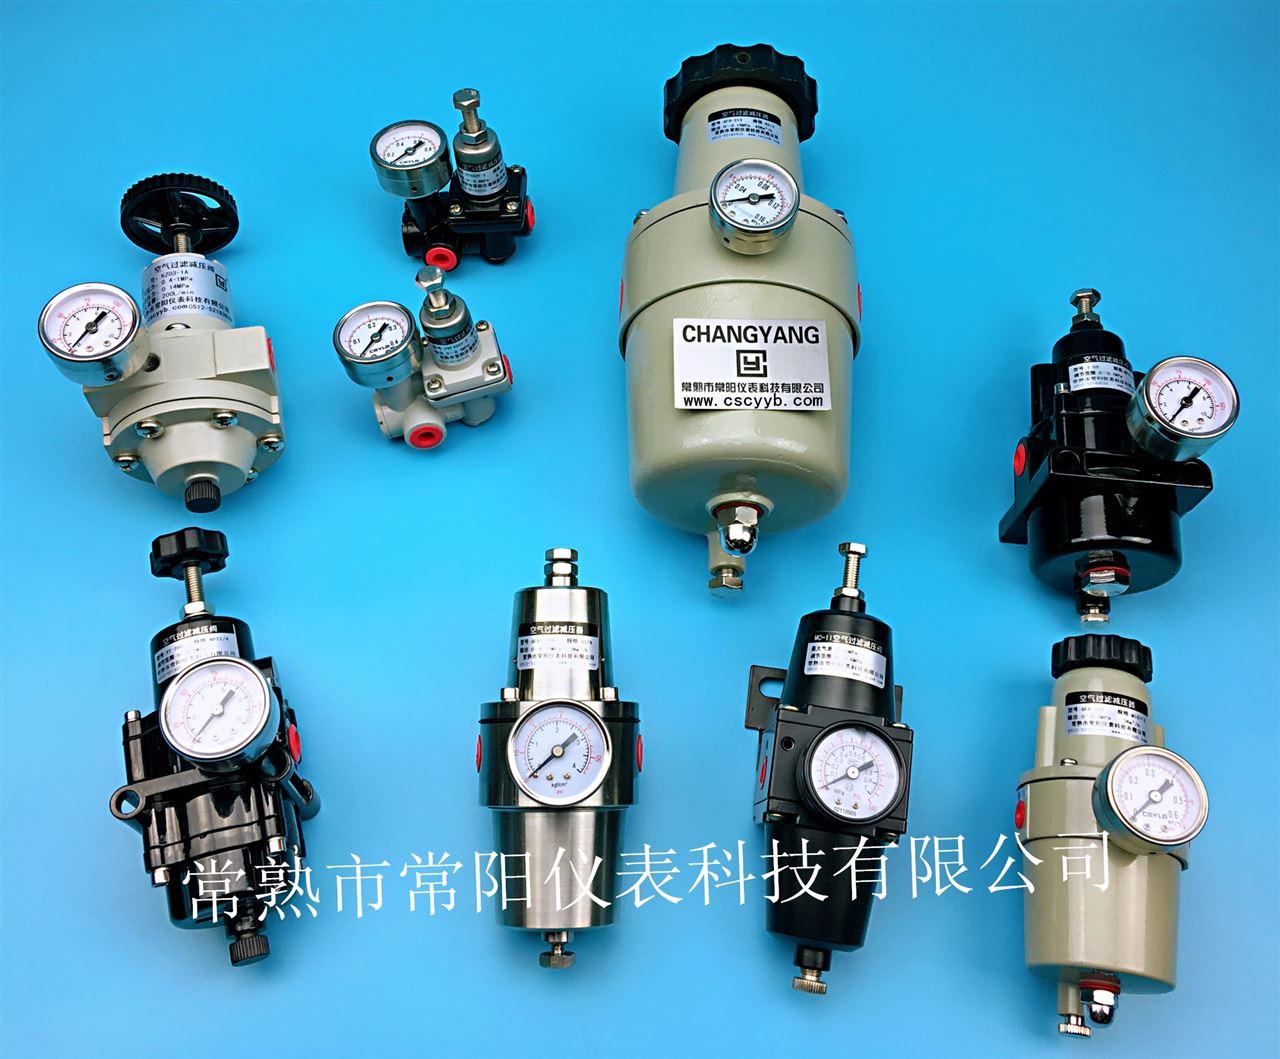 空气过滤减压器,过滤调压阀,调压过滤器